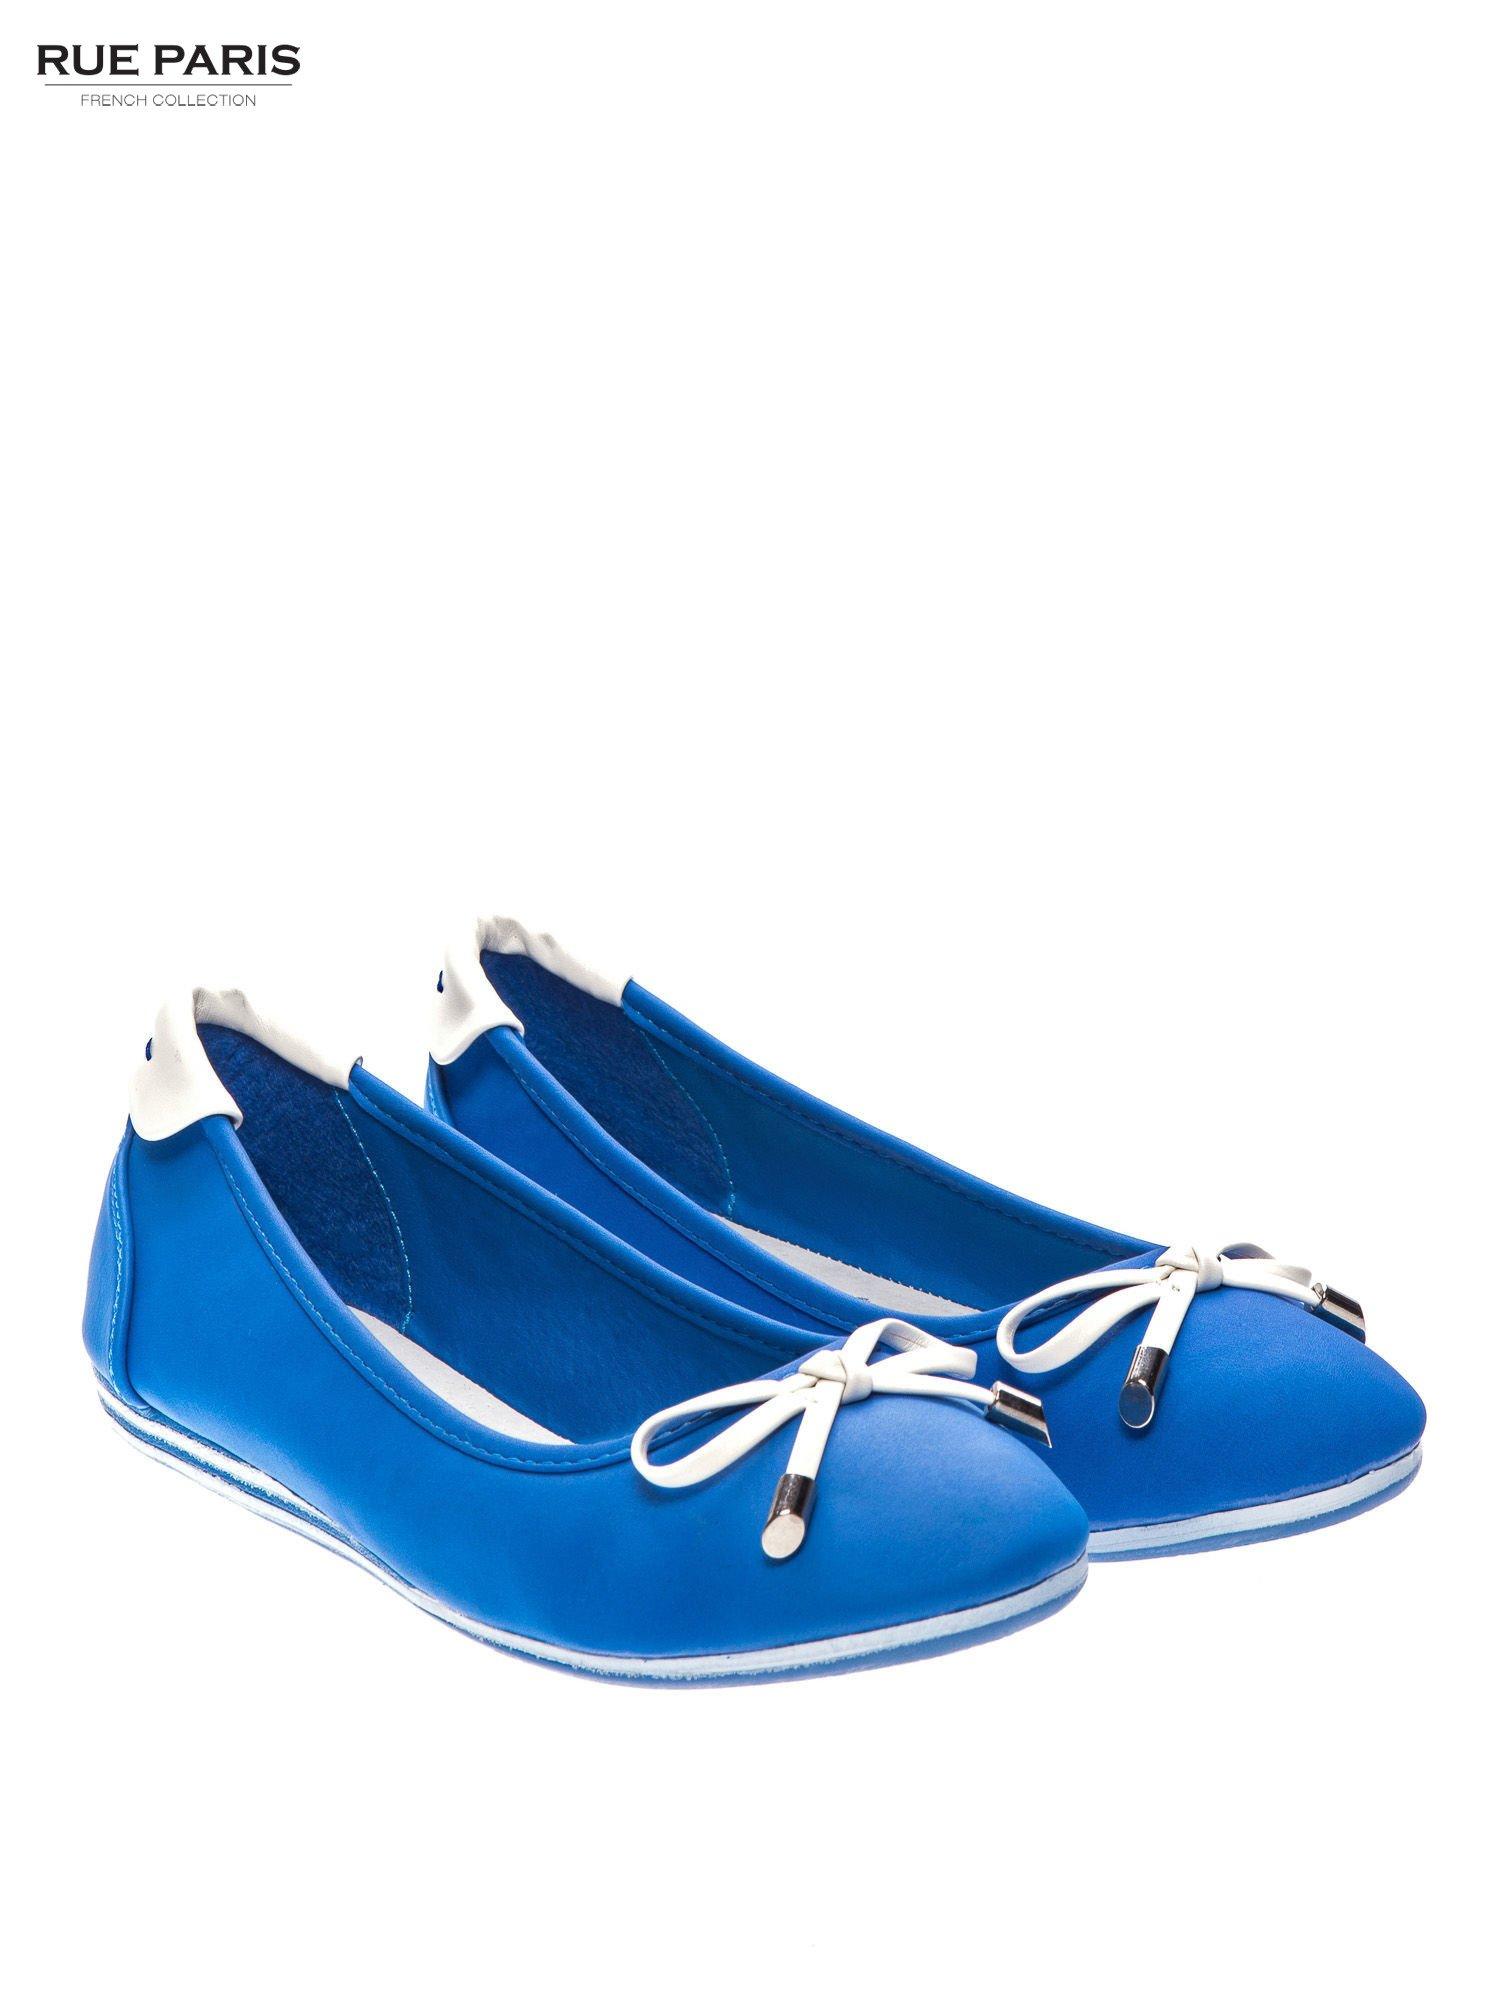 Niebieskie baleriny na niskim koturnie                                  zdj.                                  2